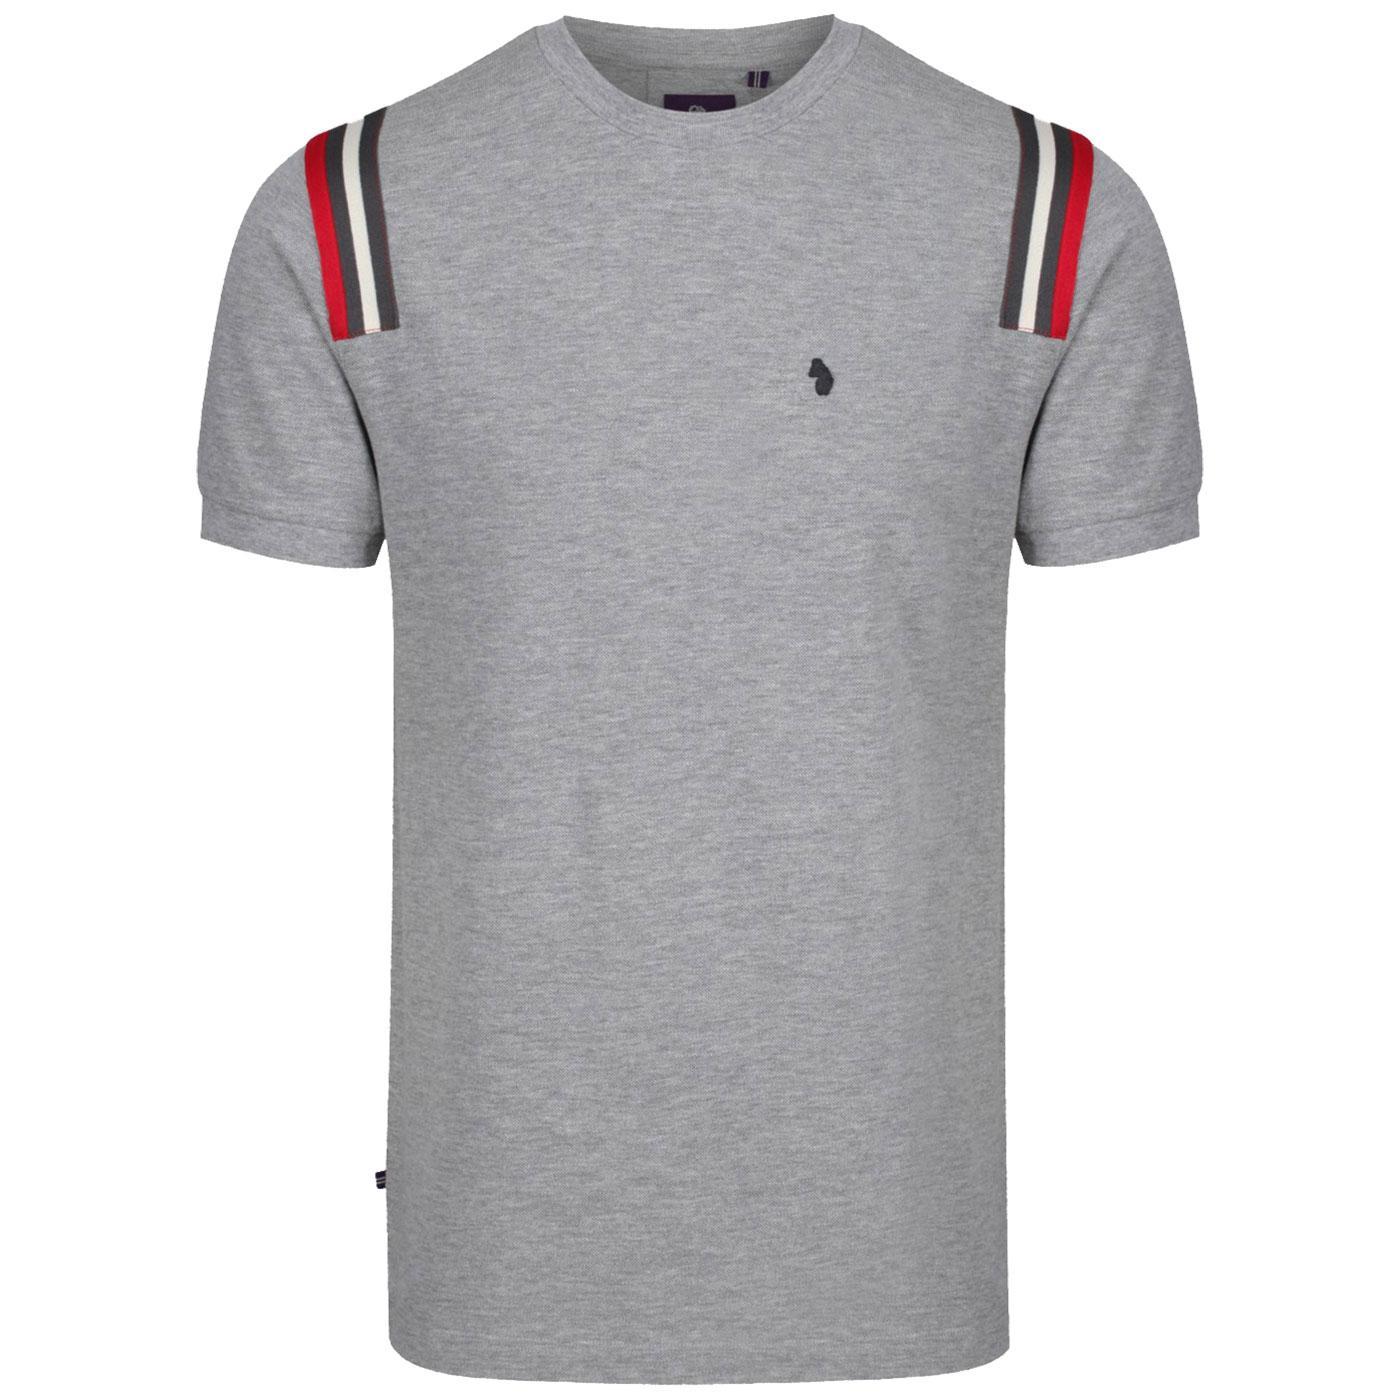 Le Harve LUKE Retro Shoulder Tape Pique T-shirt